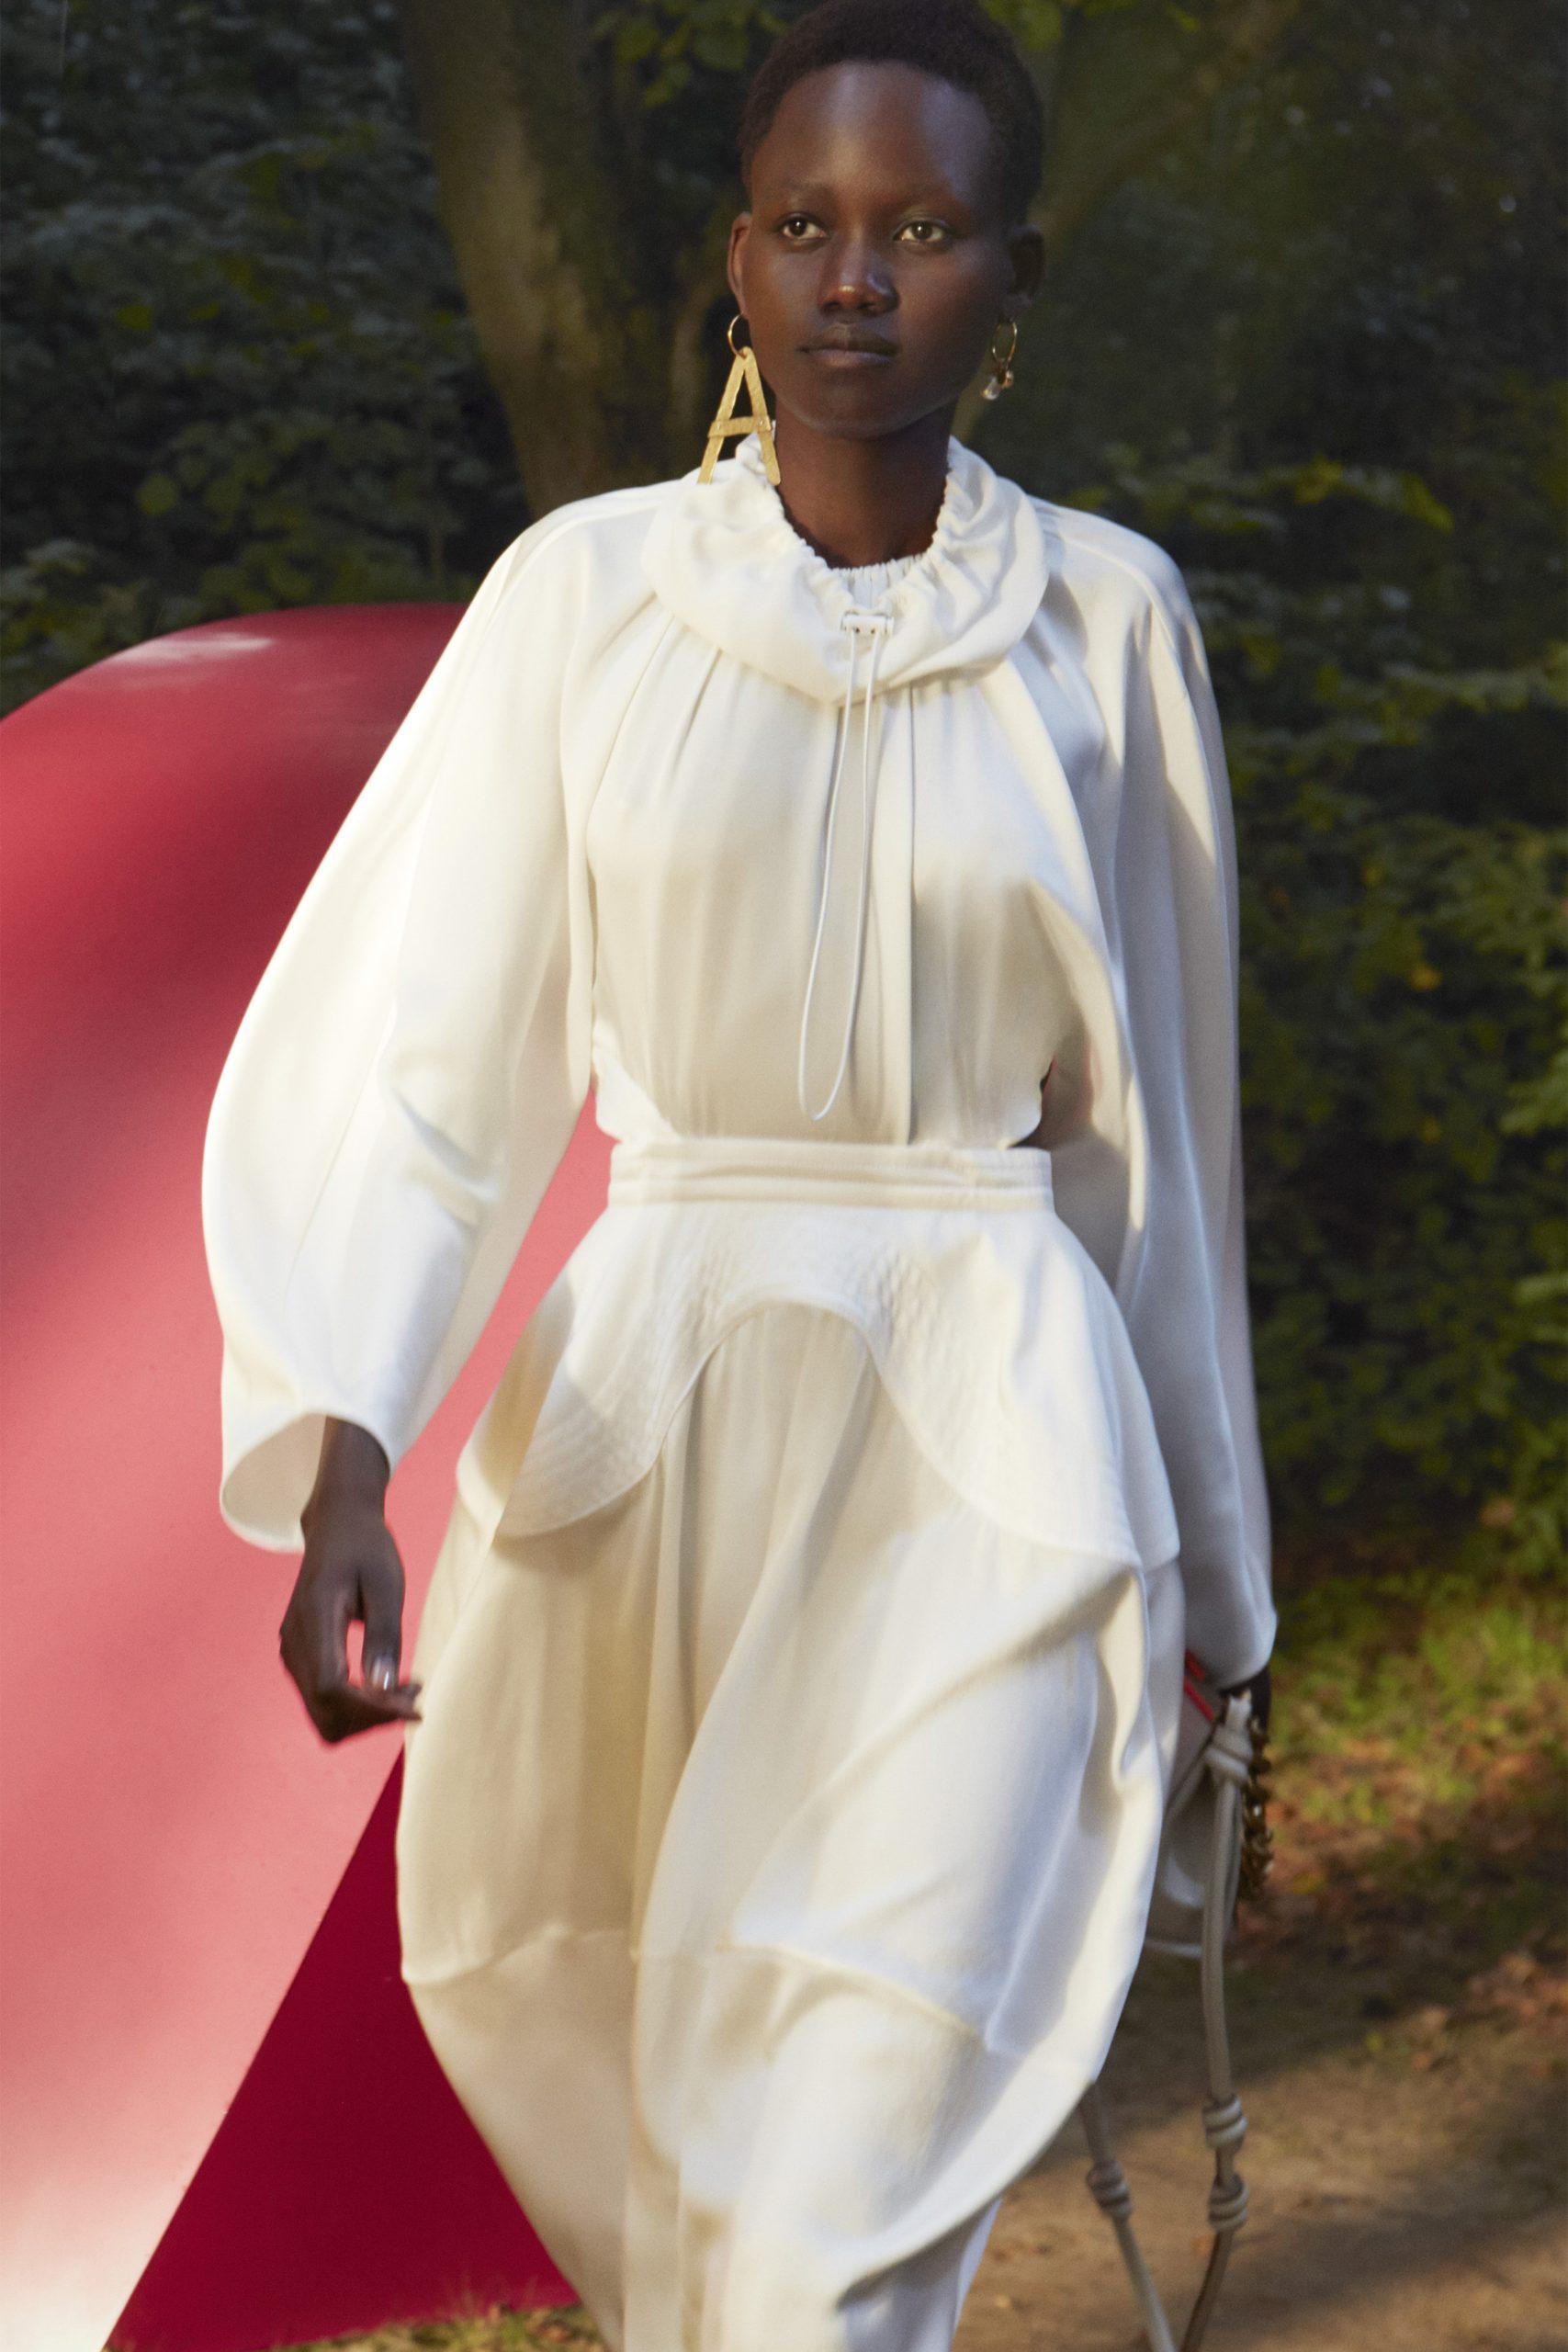 7. kép: Párizsi divathét - 2021-es tavaszi-nyári ready to wear kollekció - Stella McCartney